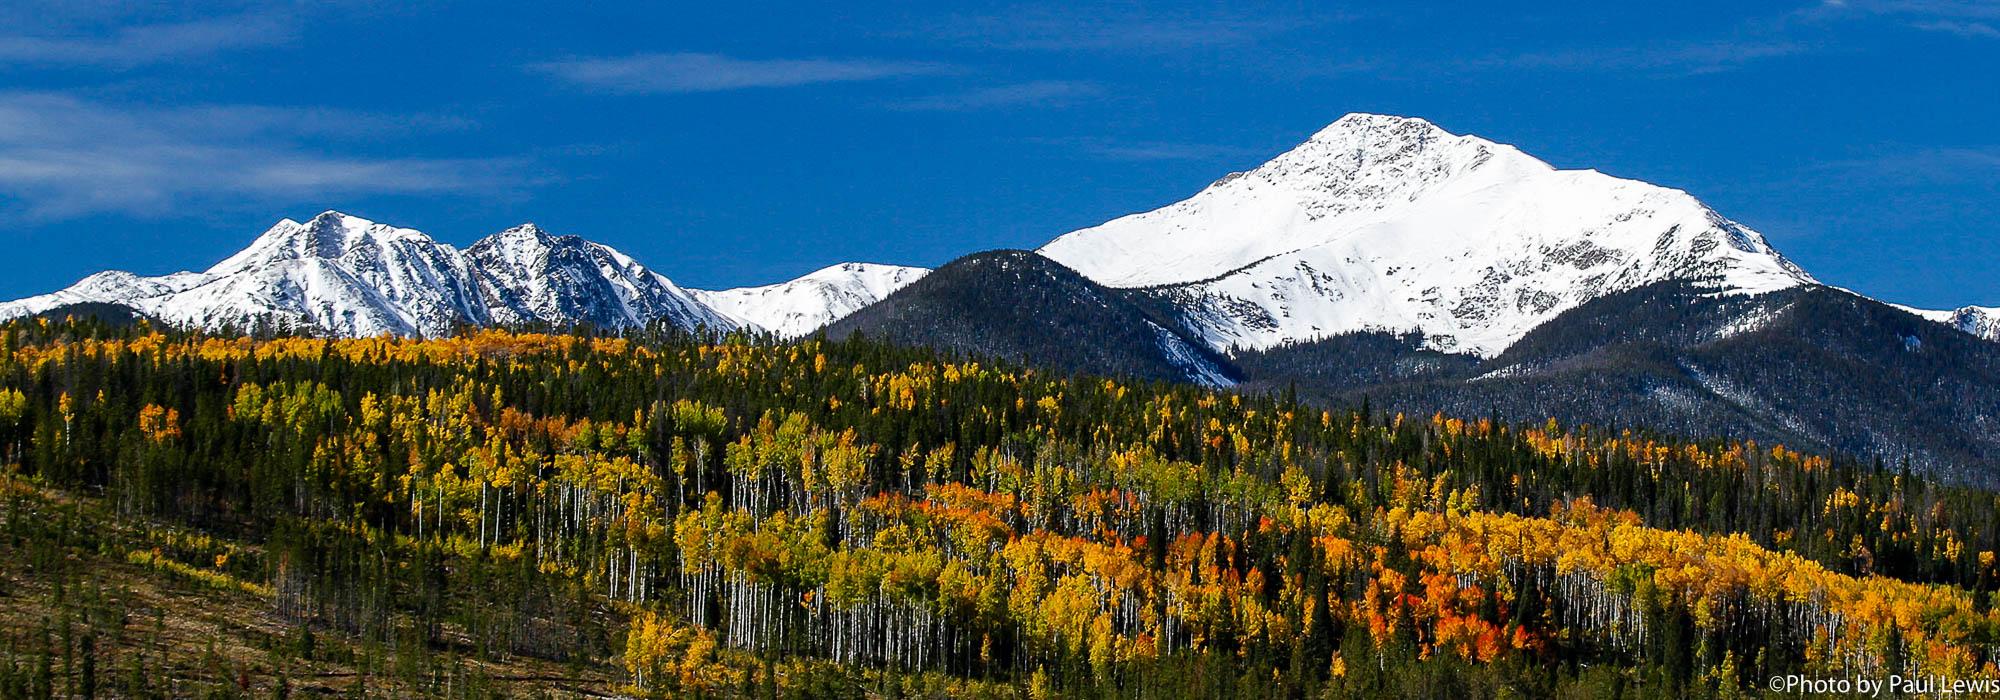 Byers Peak in Fall